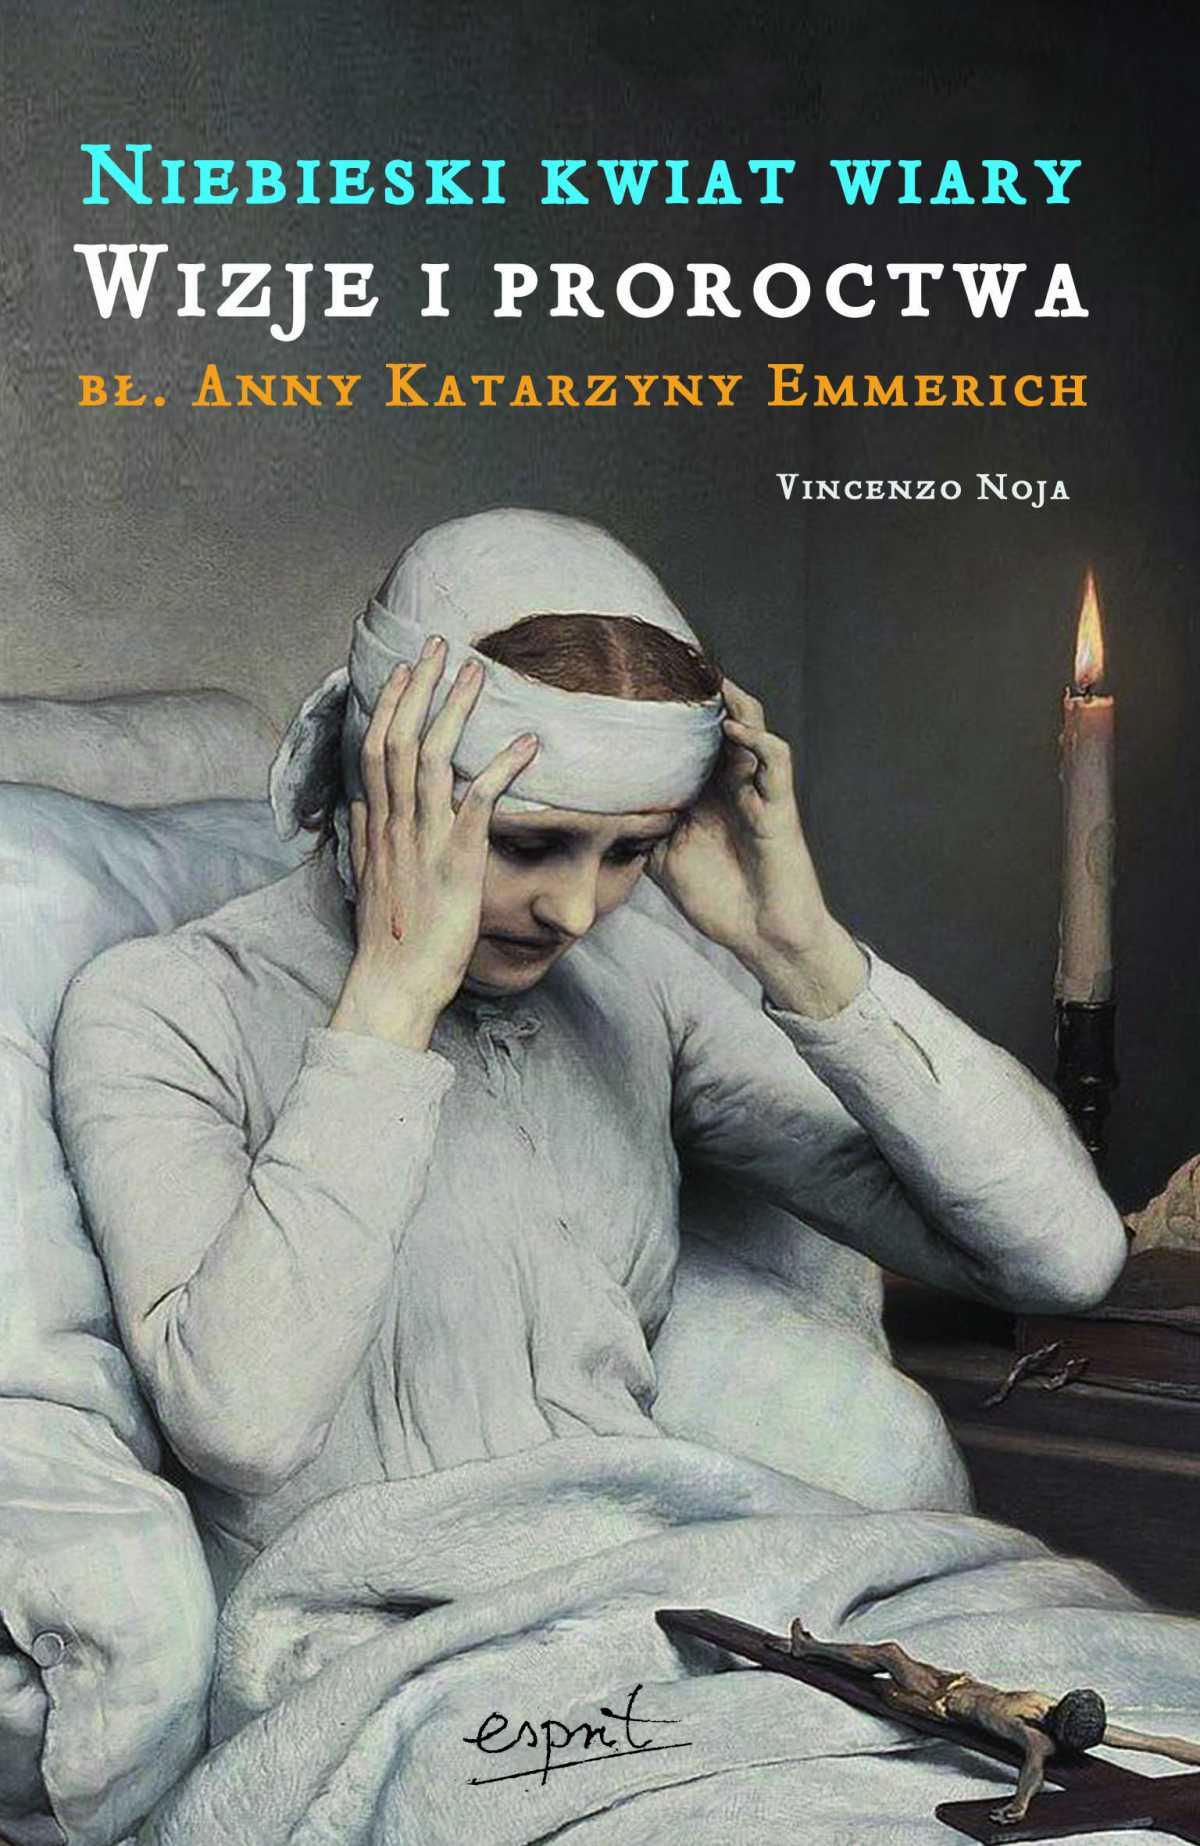 Niebieski kwiat wiary - Ebook (Książka na Kindle) do pobrania w formacie MOBI